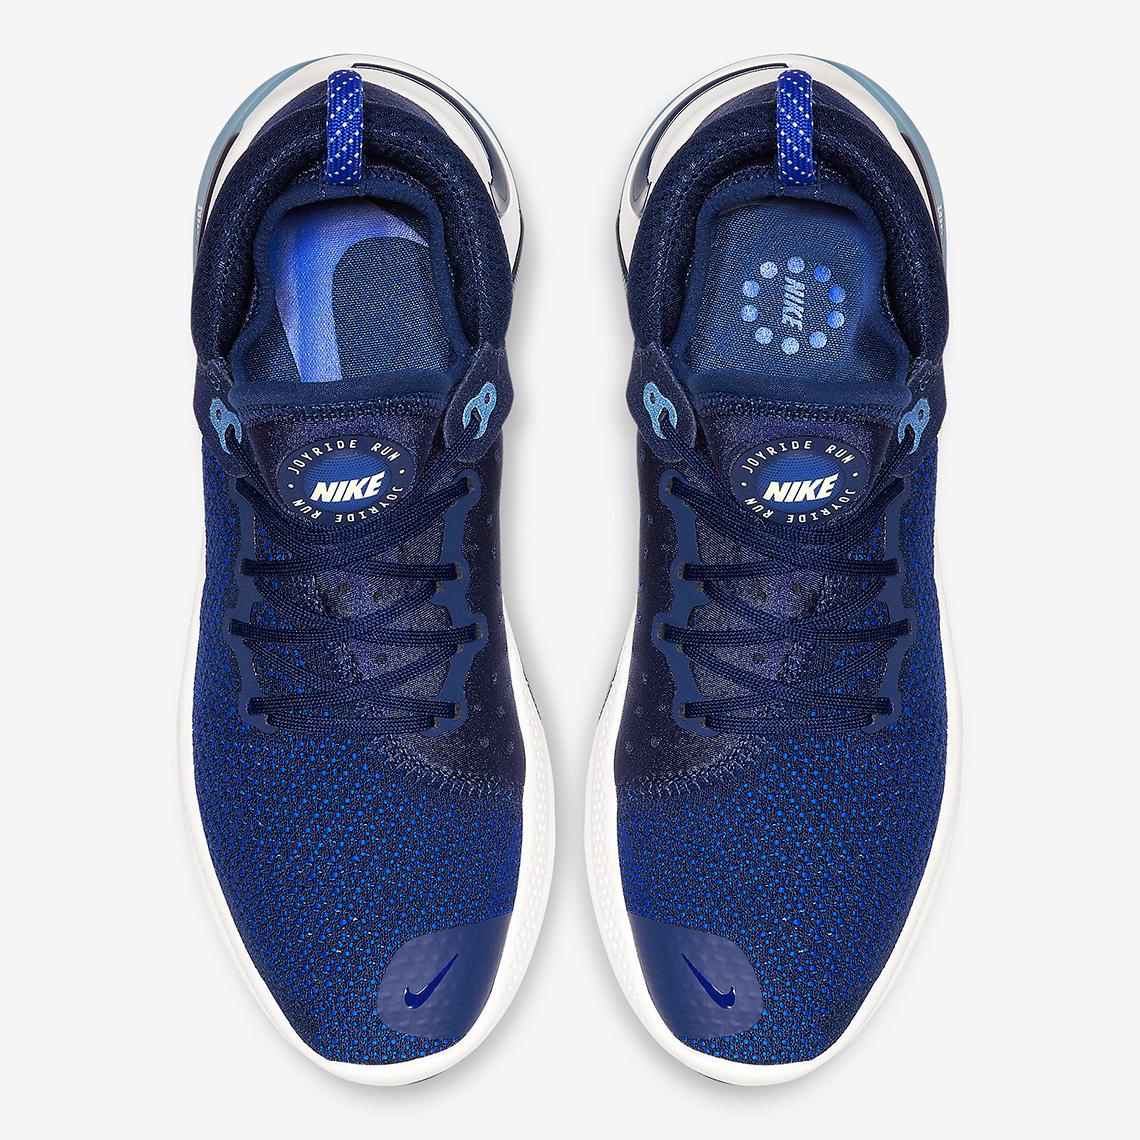 Nike Joyride Run Flyknit Racer Blue AQ2730 400 Release Date